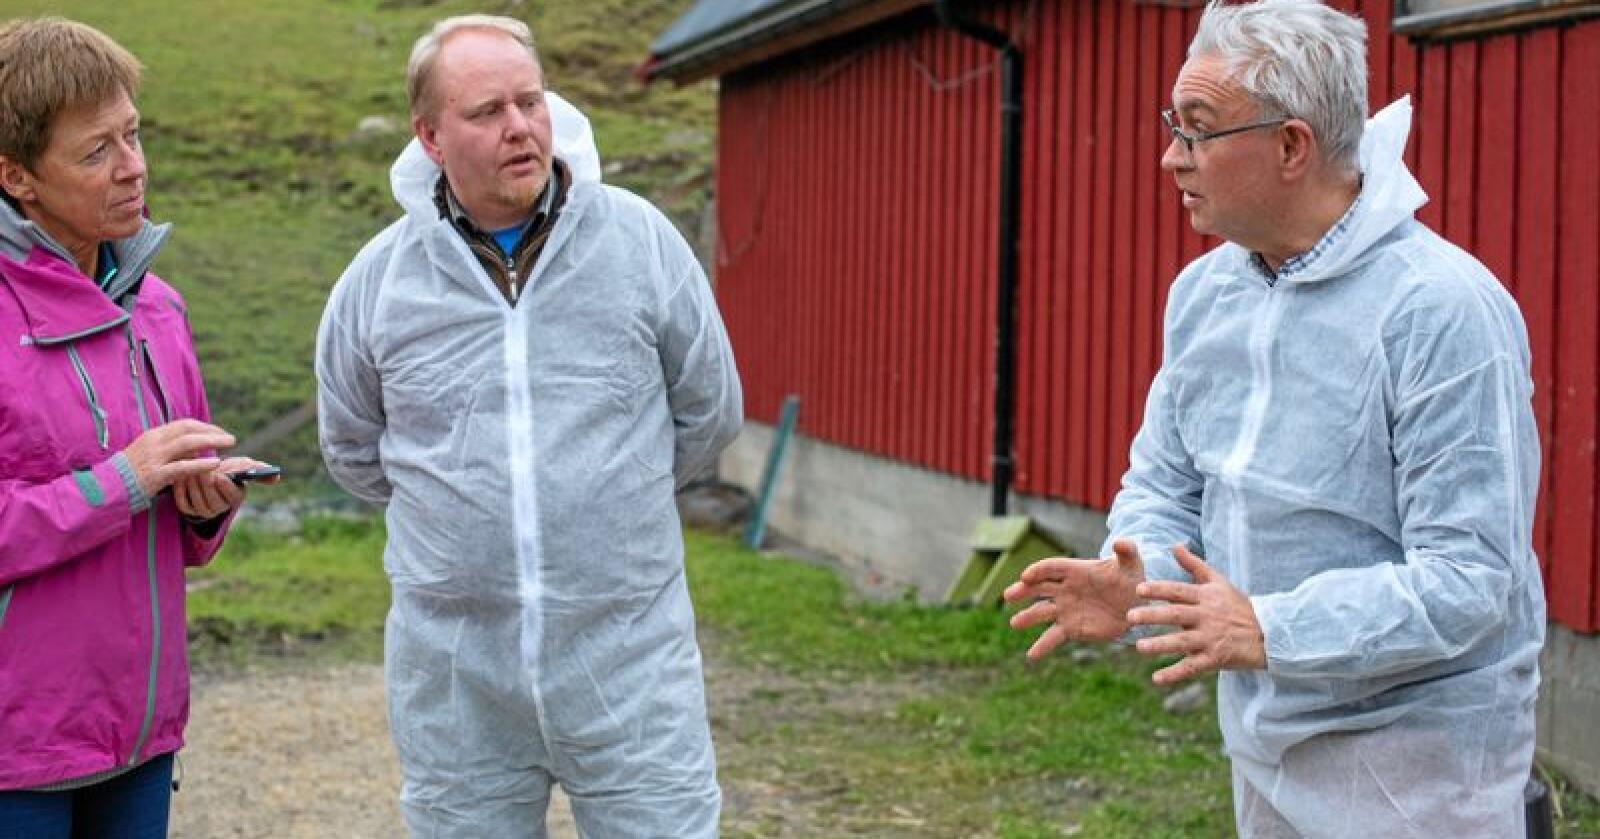 Krevde svar: Pelsdyroppdretterne Hilde Augdal og Lars Ole Bjørnbet krevde svar fra venstrepolitikeren André N. Skjelstad da han gjennomførte sitt første besøk på en pelsdyrgård som partiets landbrukspolitiske talsmann. Alle foto: Håvard Zeiner